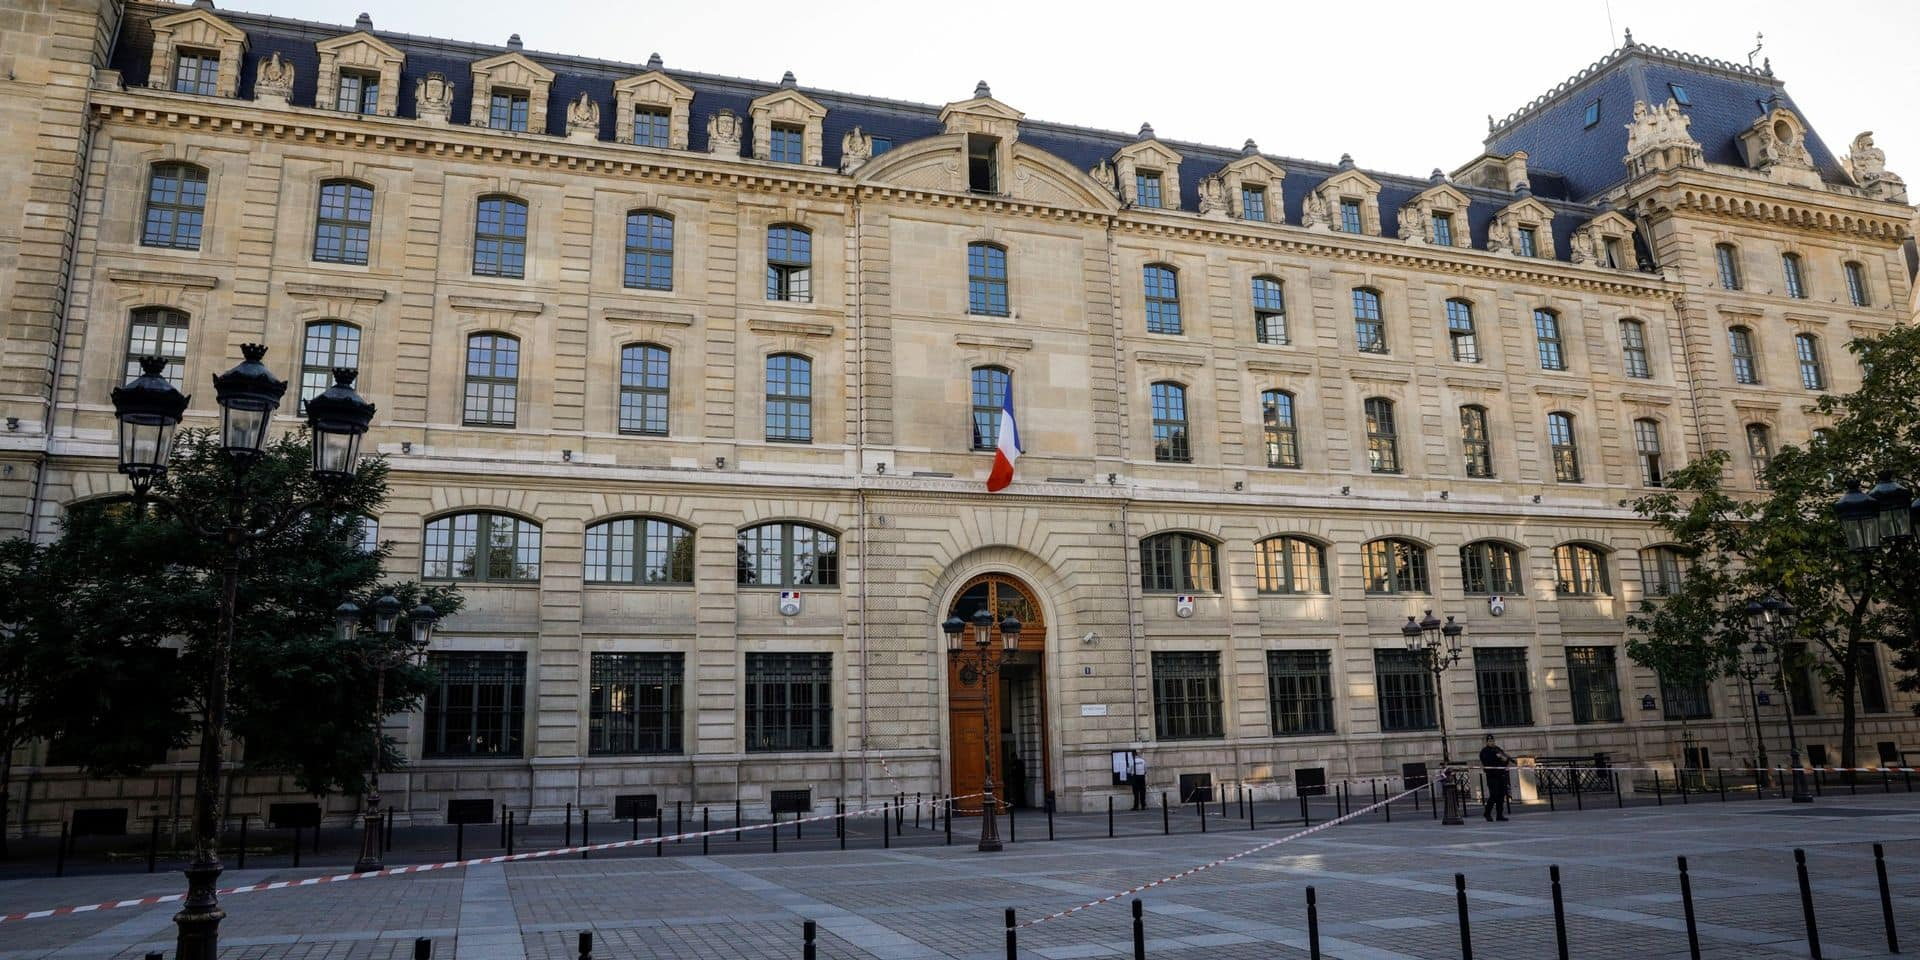 Attaque à la préfecture de police: le parquet national antiterroriste saisi